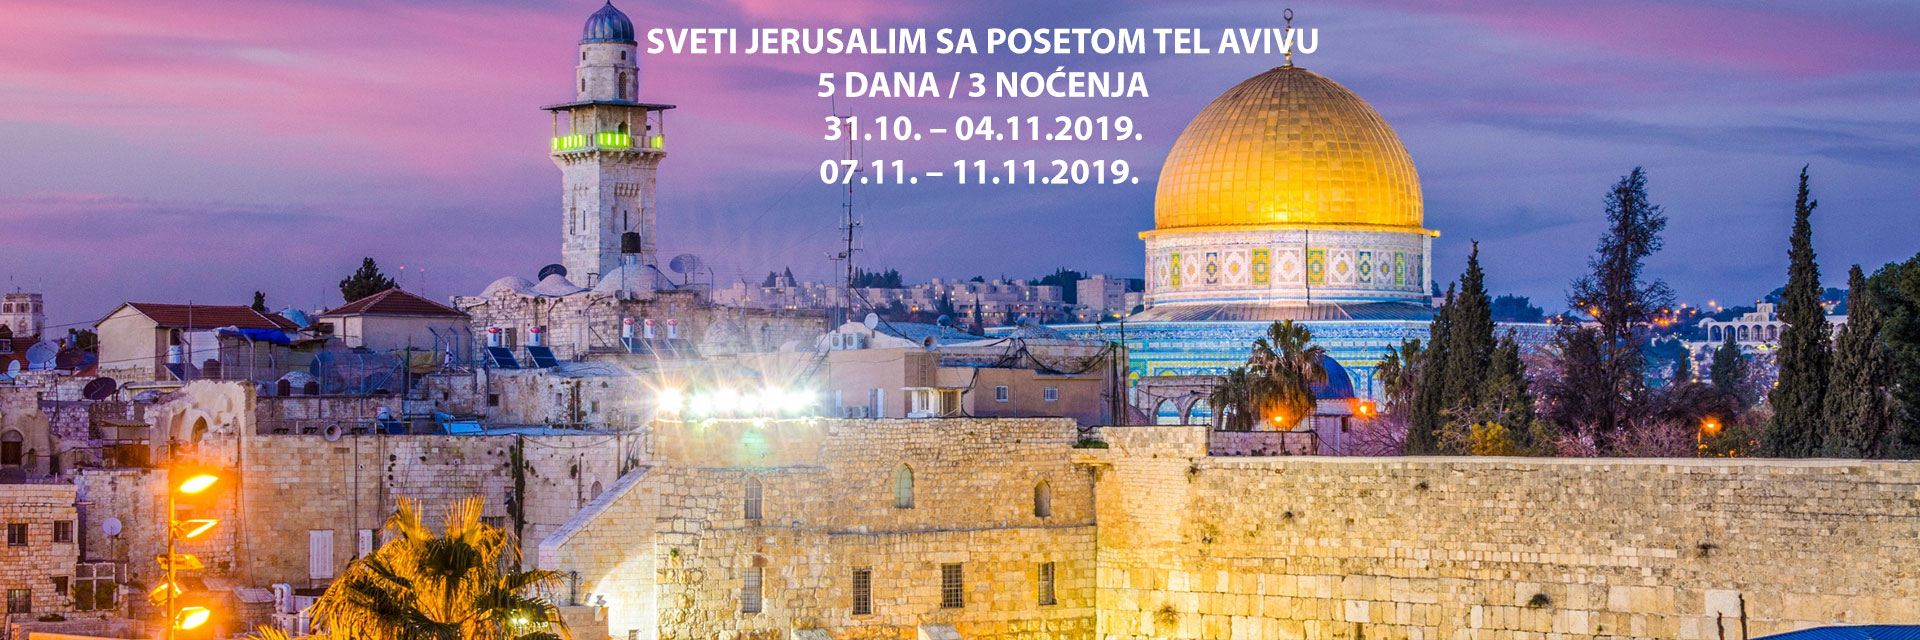 jerusalimslajd